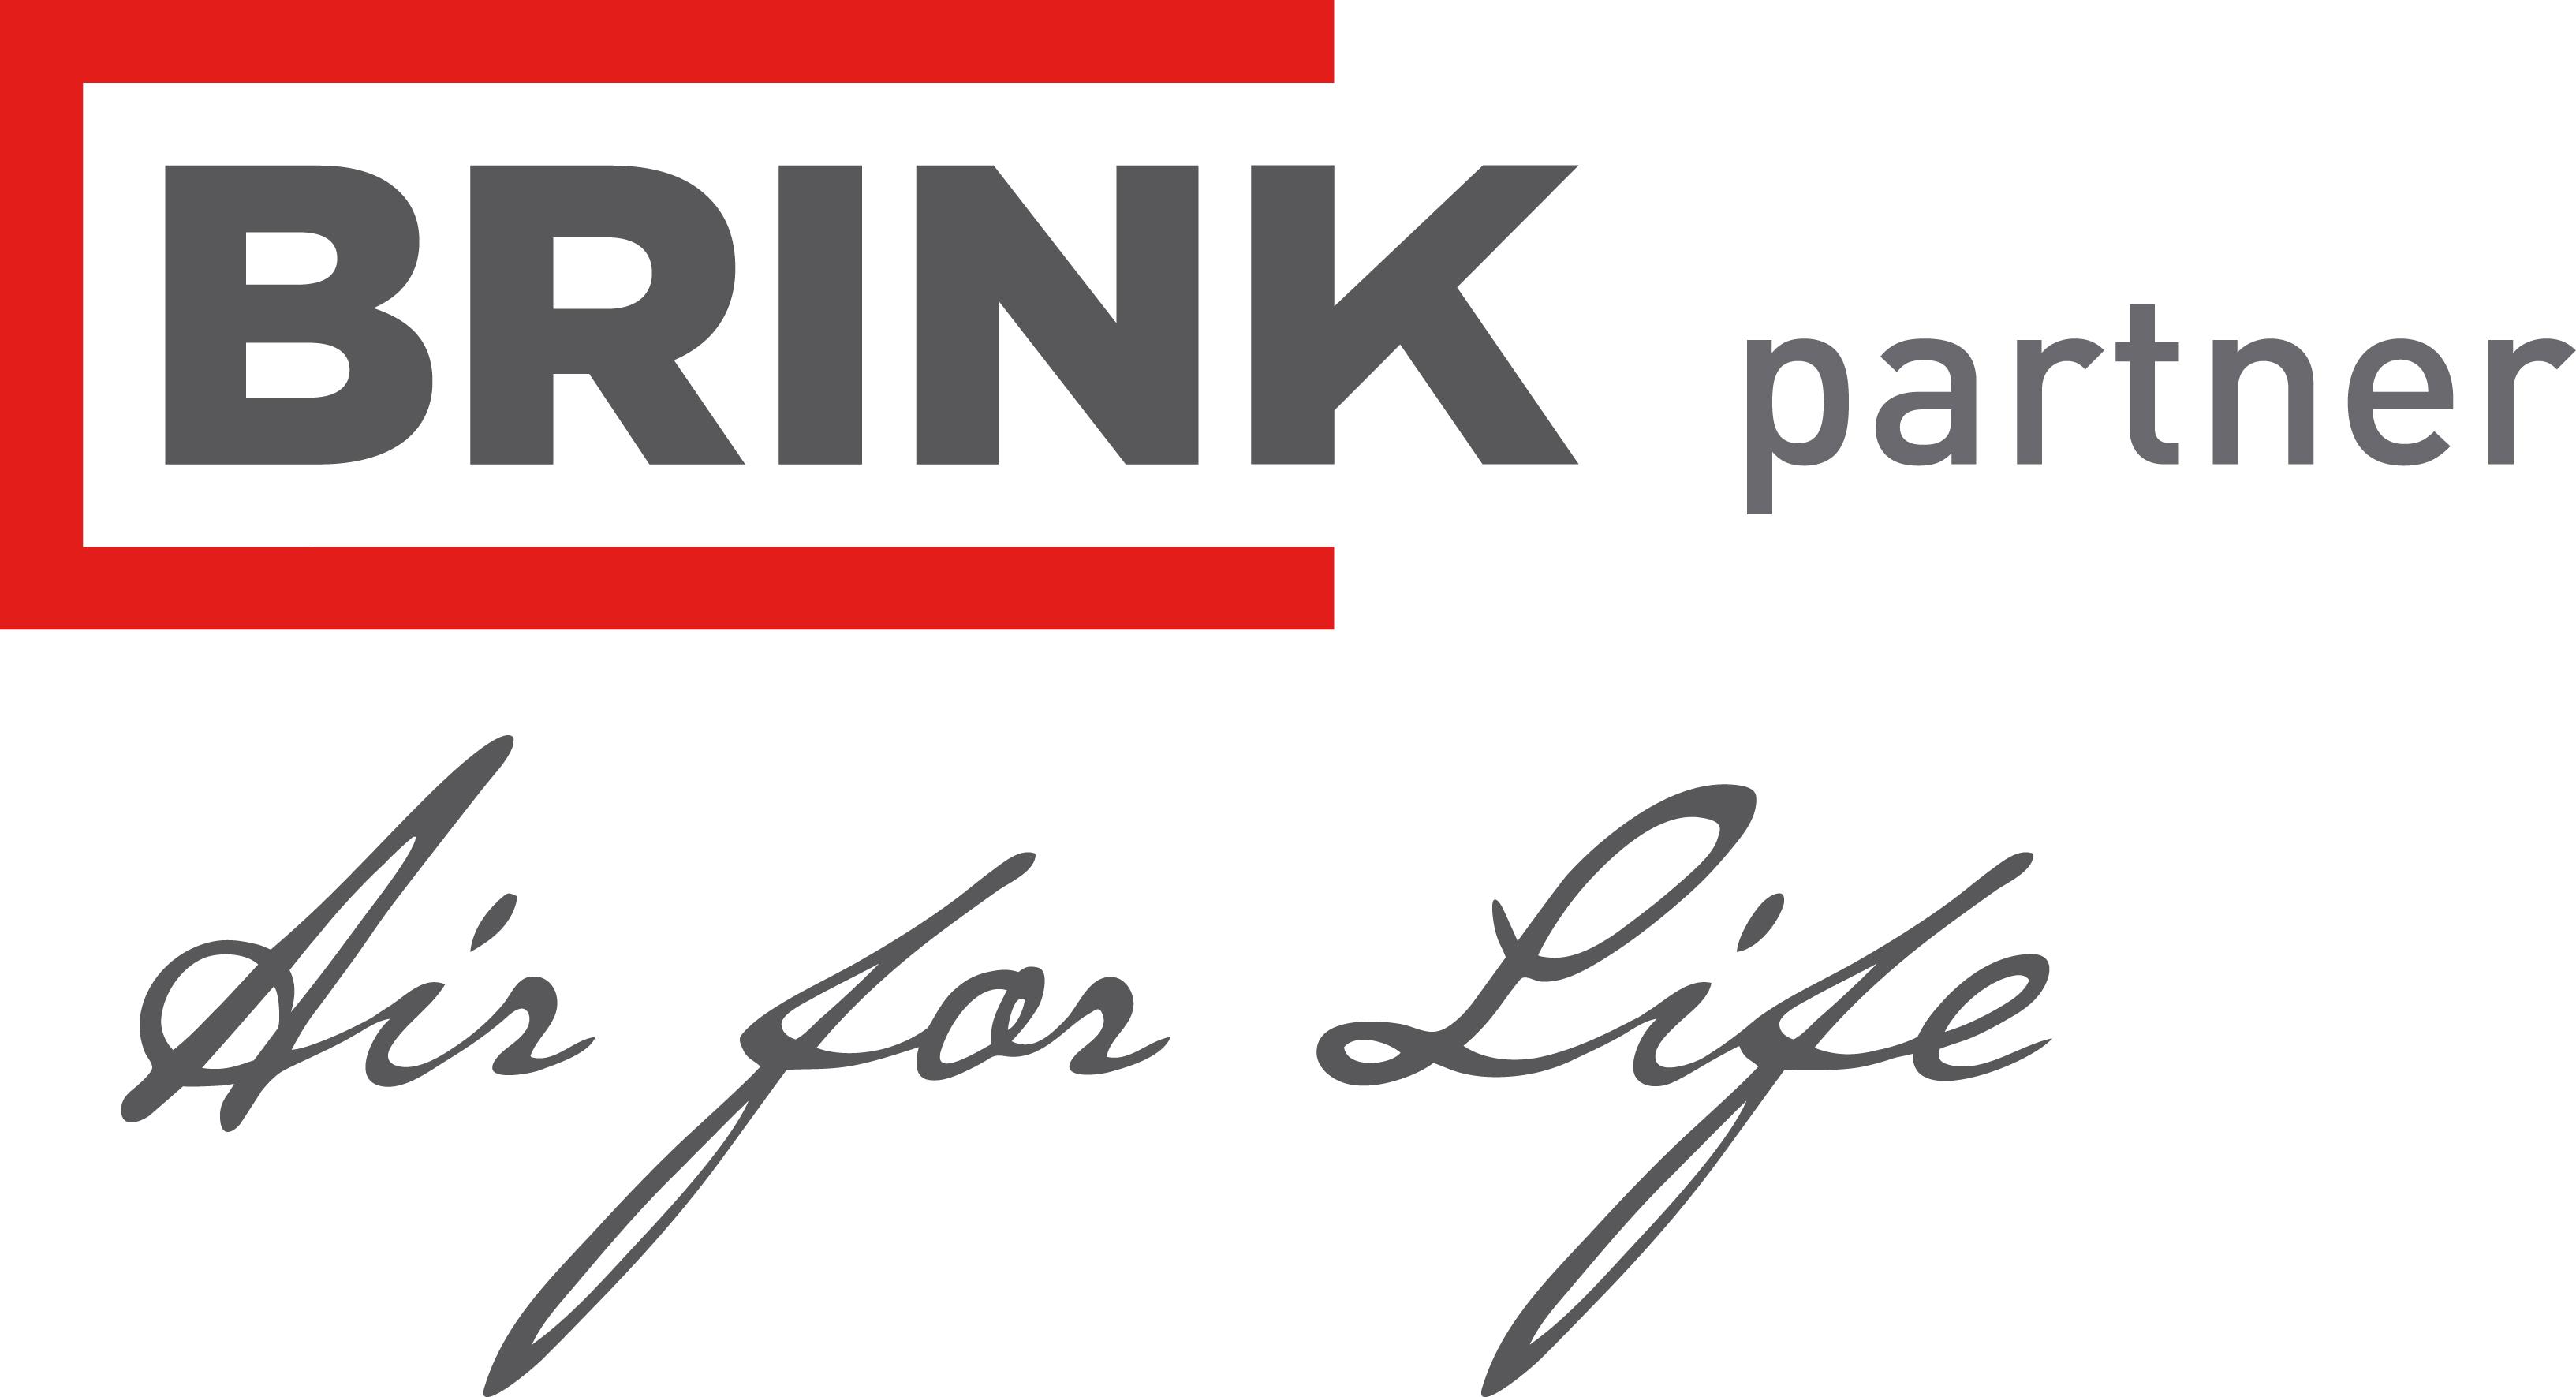 BRINK-partner